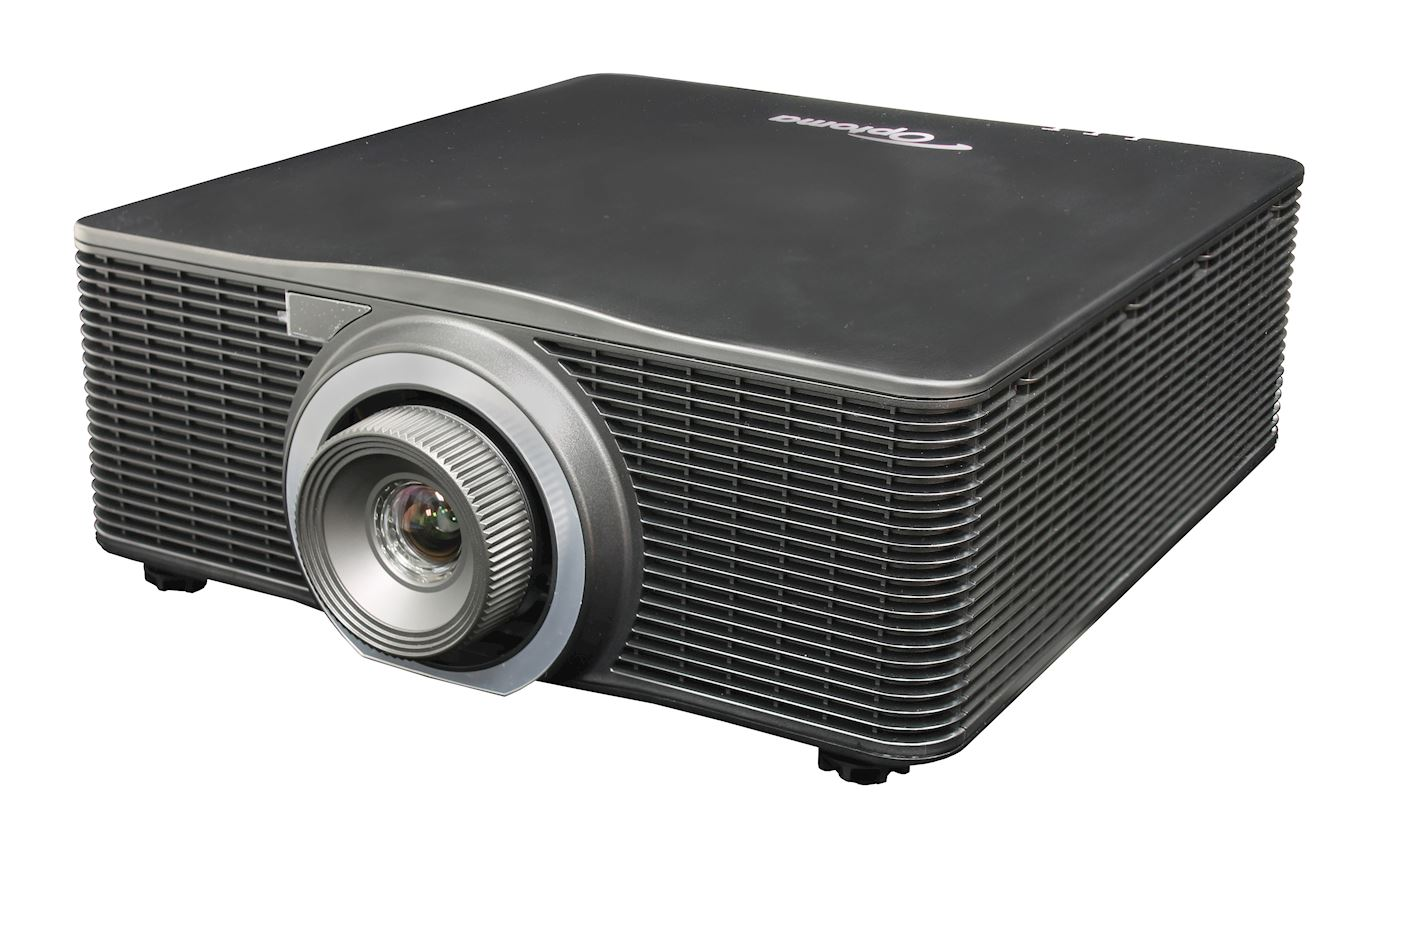 長效亮度與極真色彩表現的專業級高階工程雷射投影機,Optoma奧圖碼全新旗艦級 ProScene高階雷射投影機 – ZU850